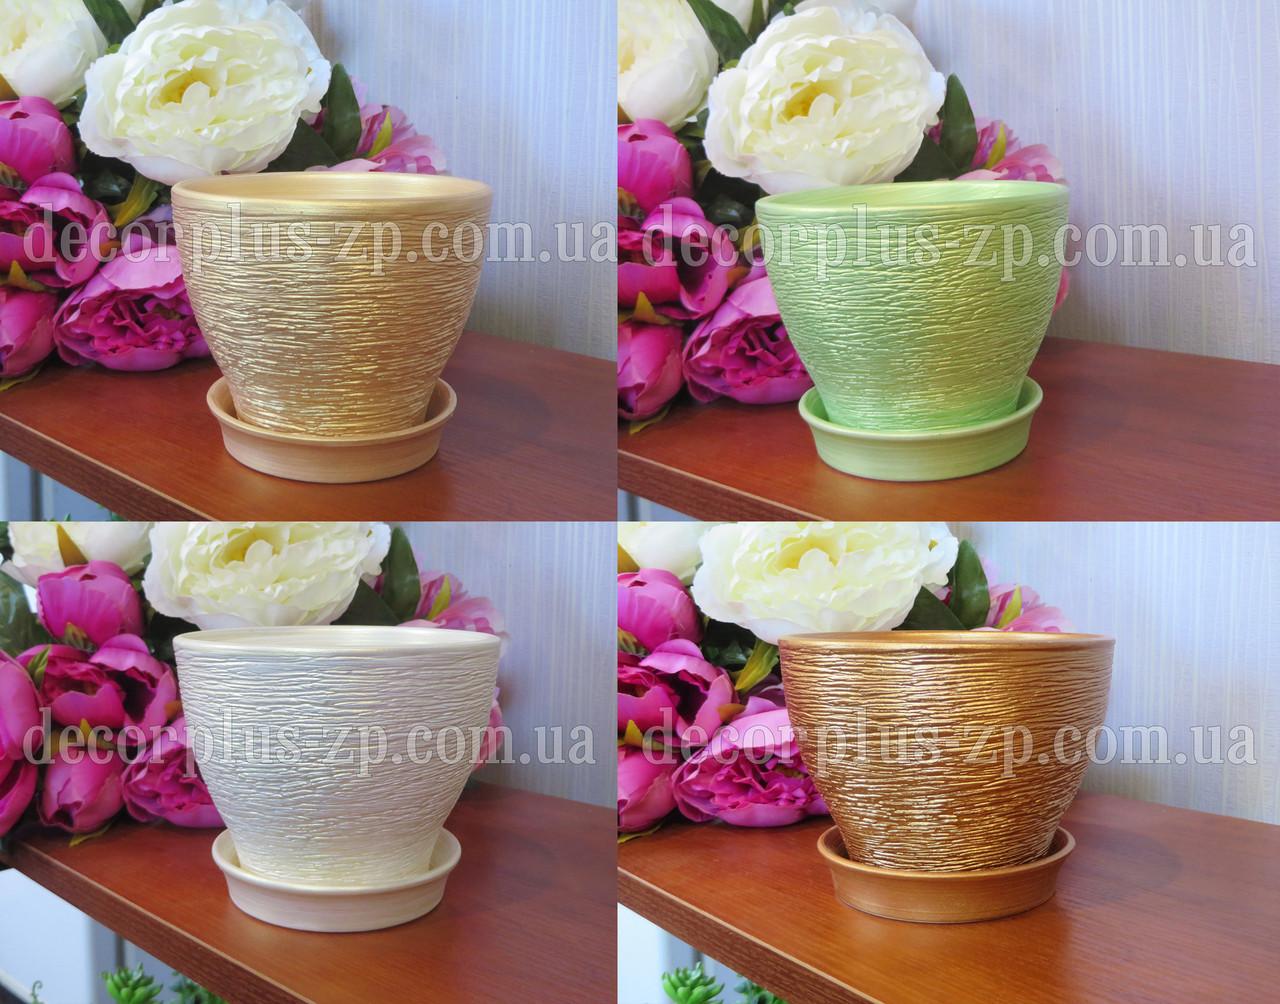 Горшок керамичный для топиария